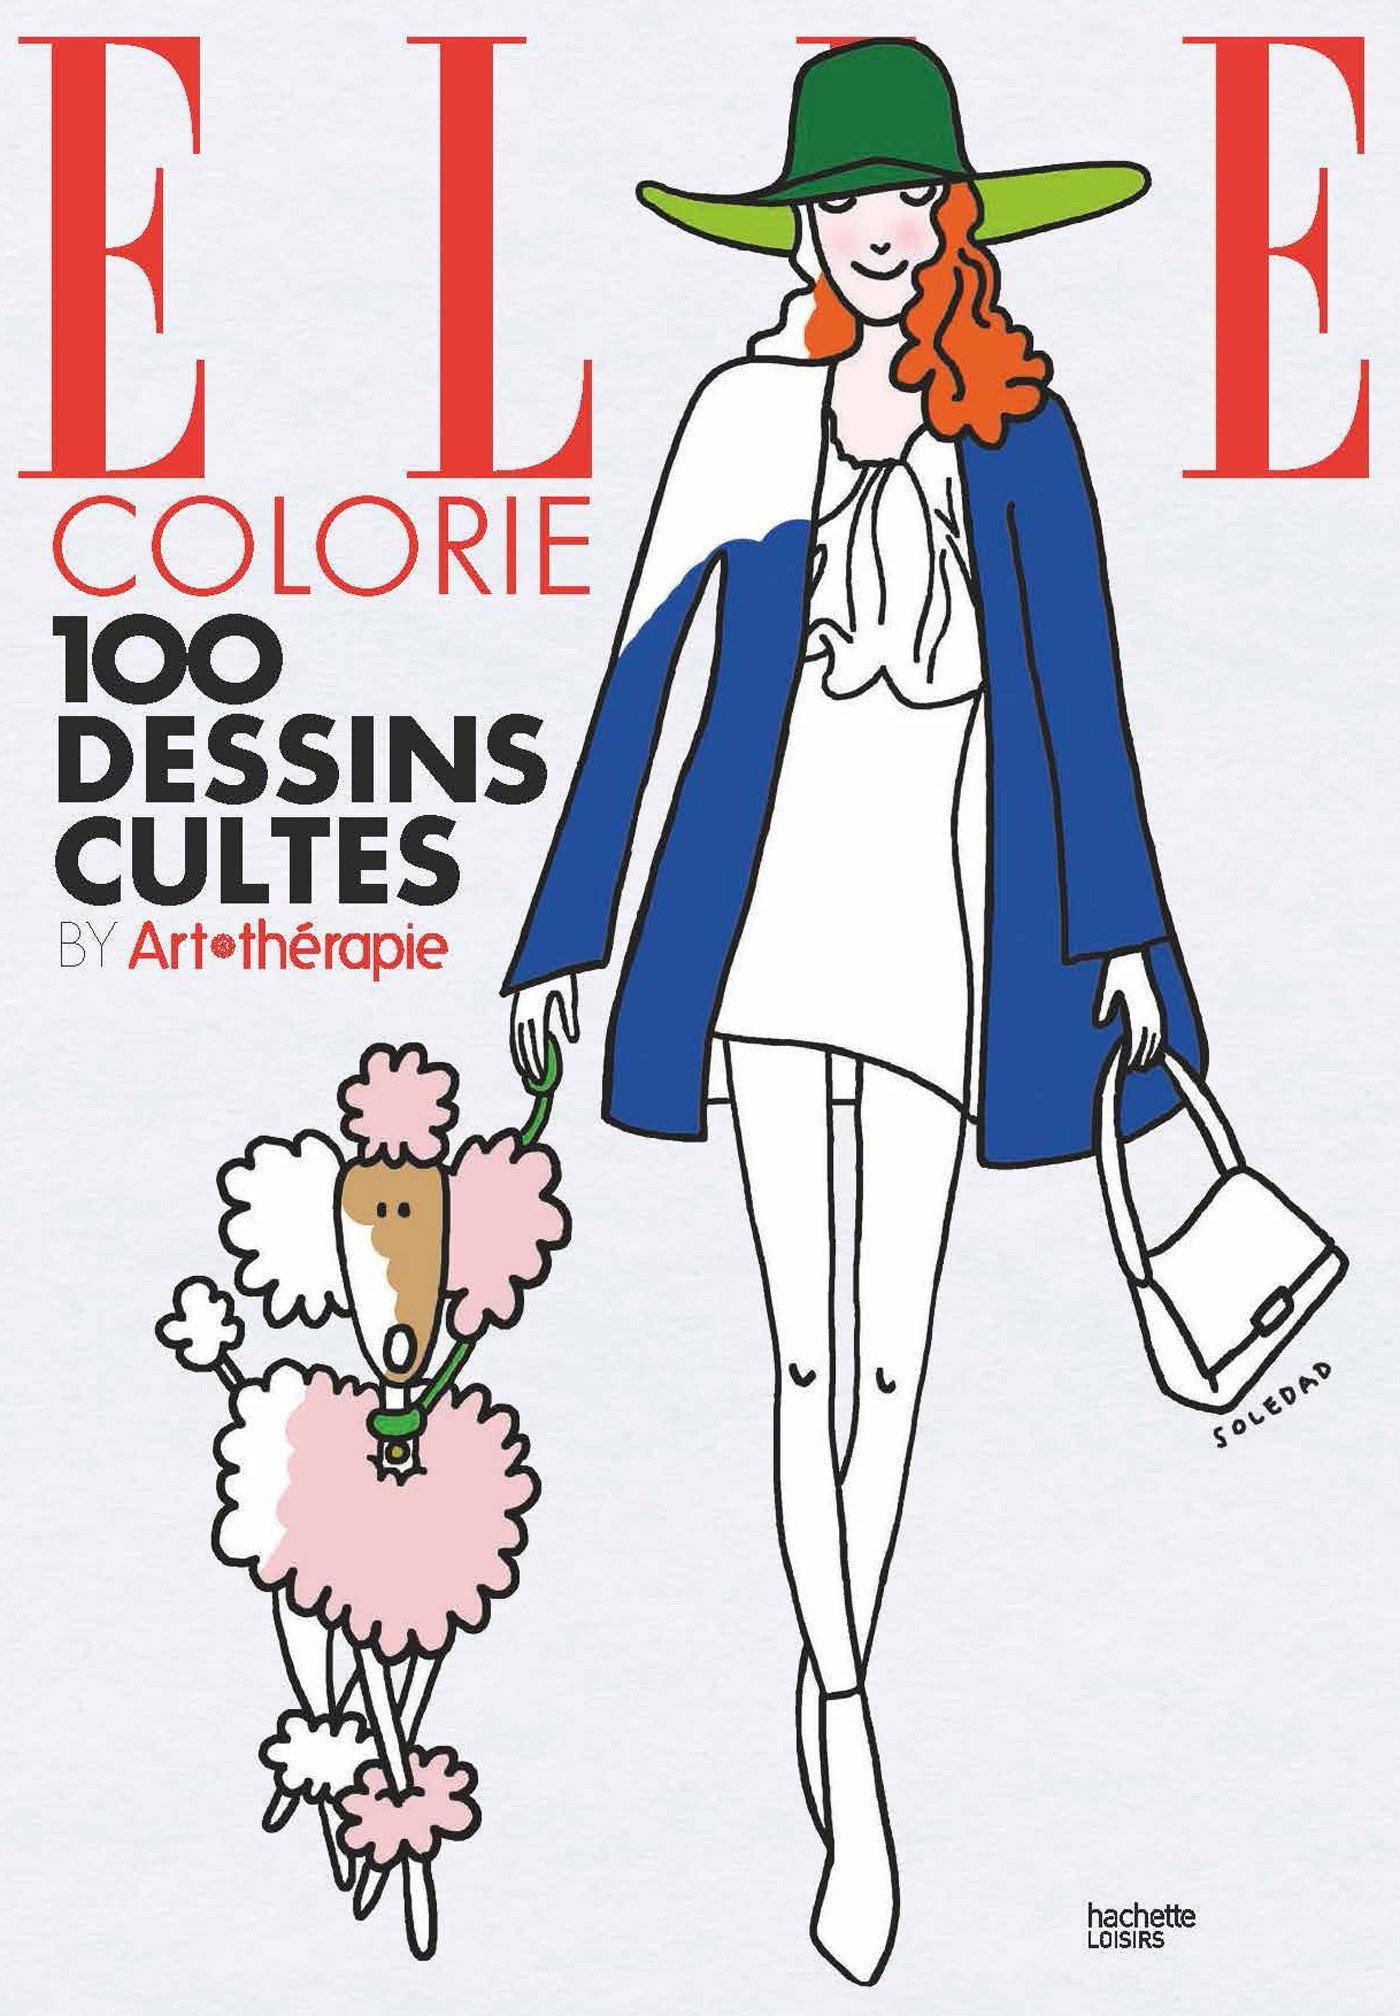 Elle colorie 100 coloriages antistress par soledad - Dessin anti stress ...